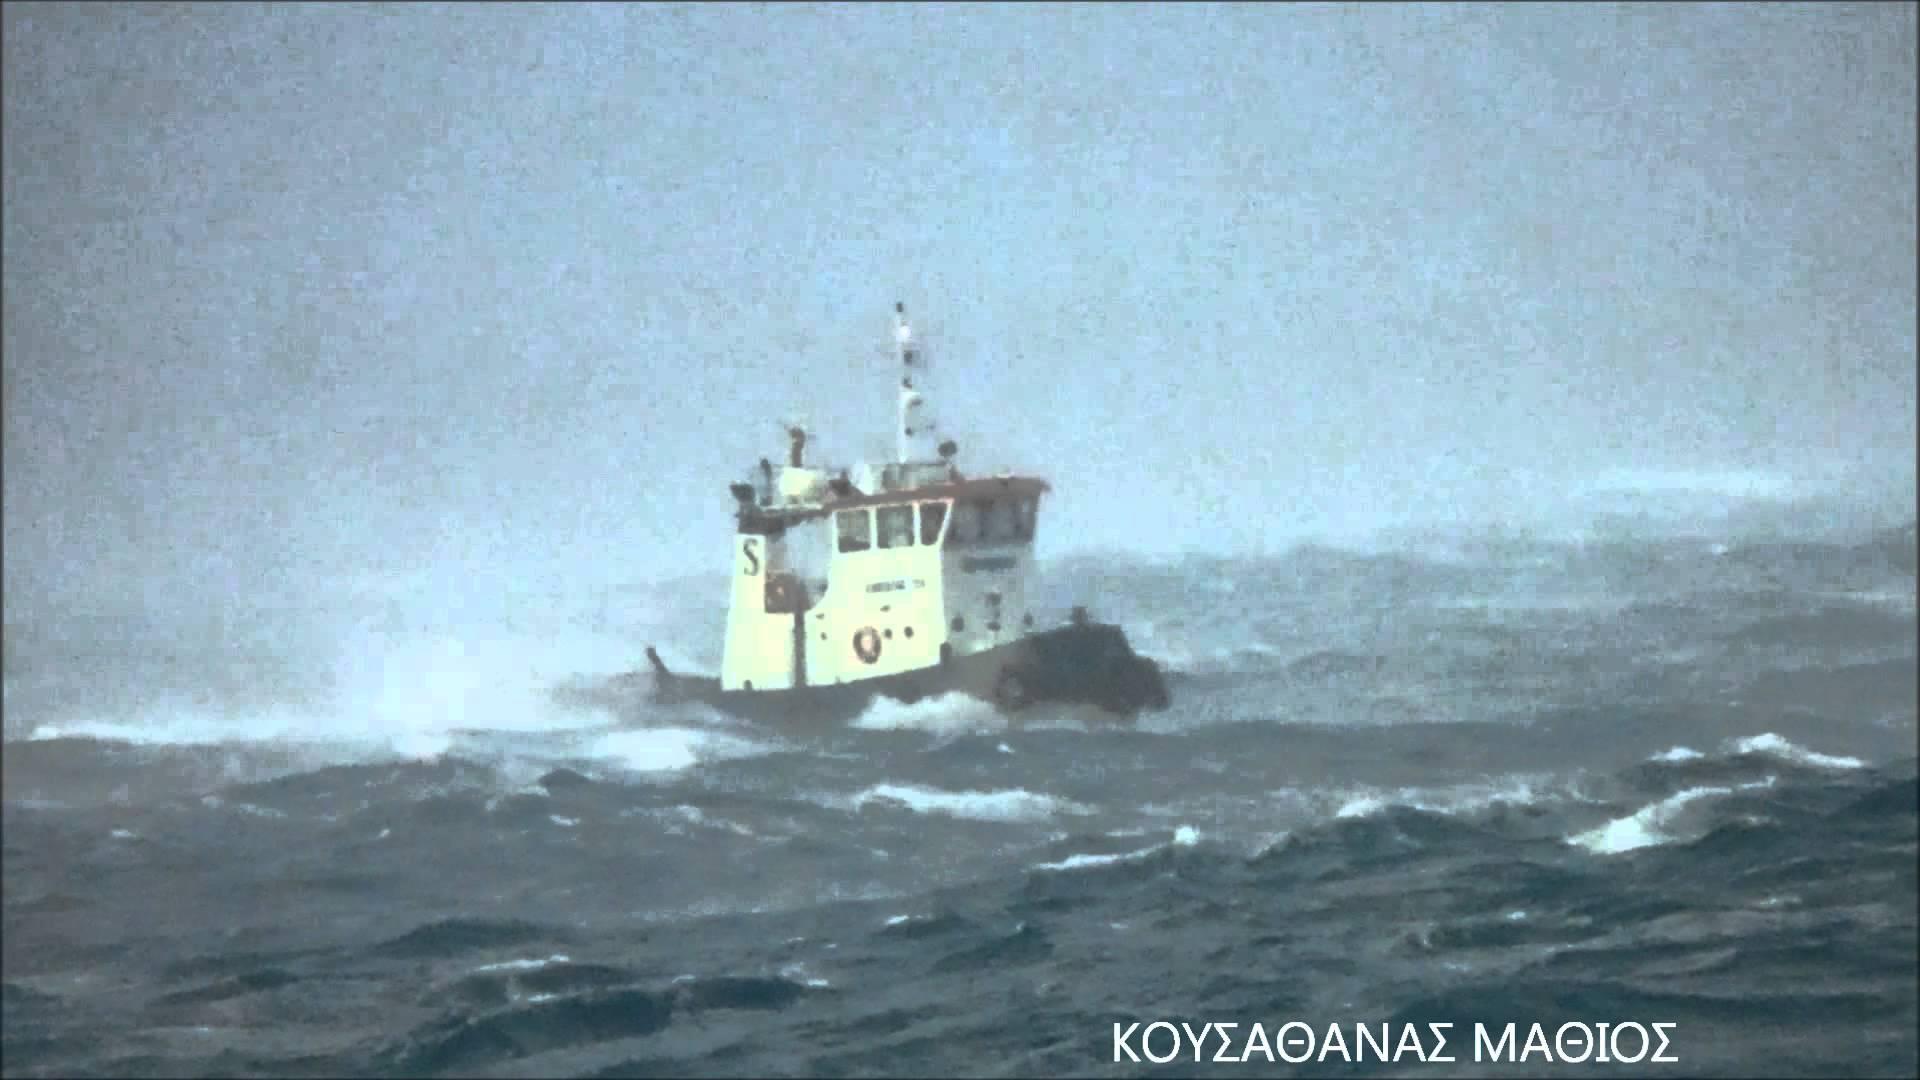 Βίντεο που «κόβει την ανάσα»: Κύματα «καταπίνουν» ρυμουλκό..